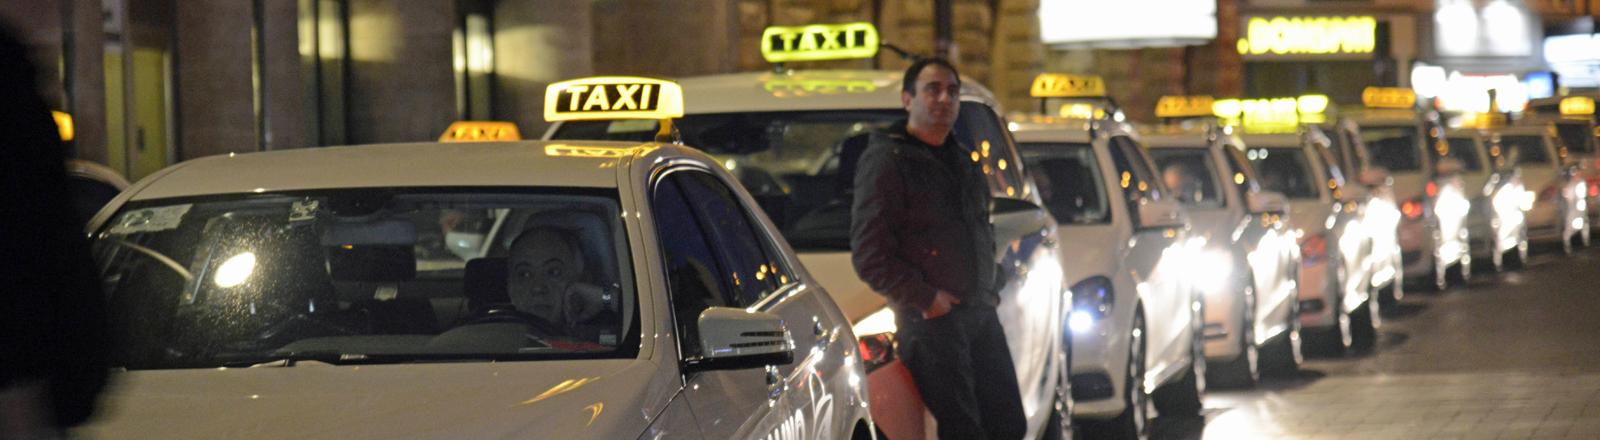 Eine Reihe von Taxis steht hintereinander.